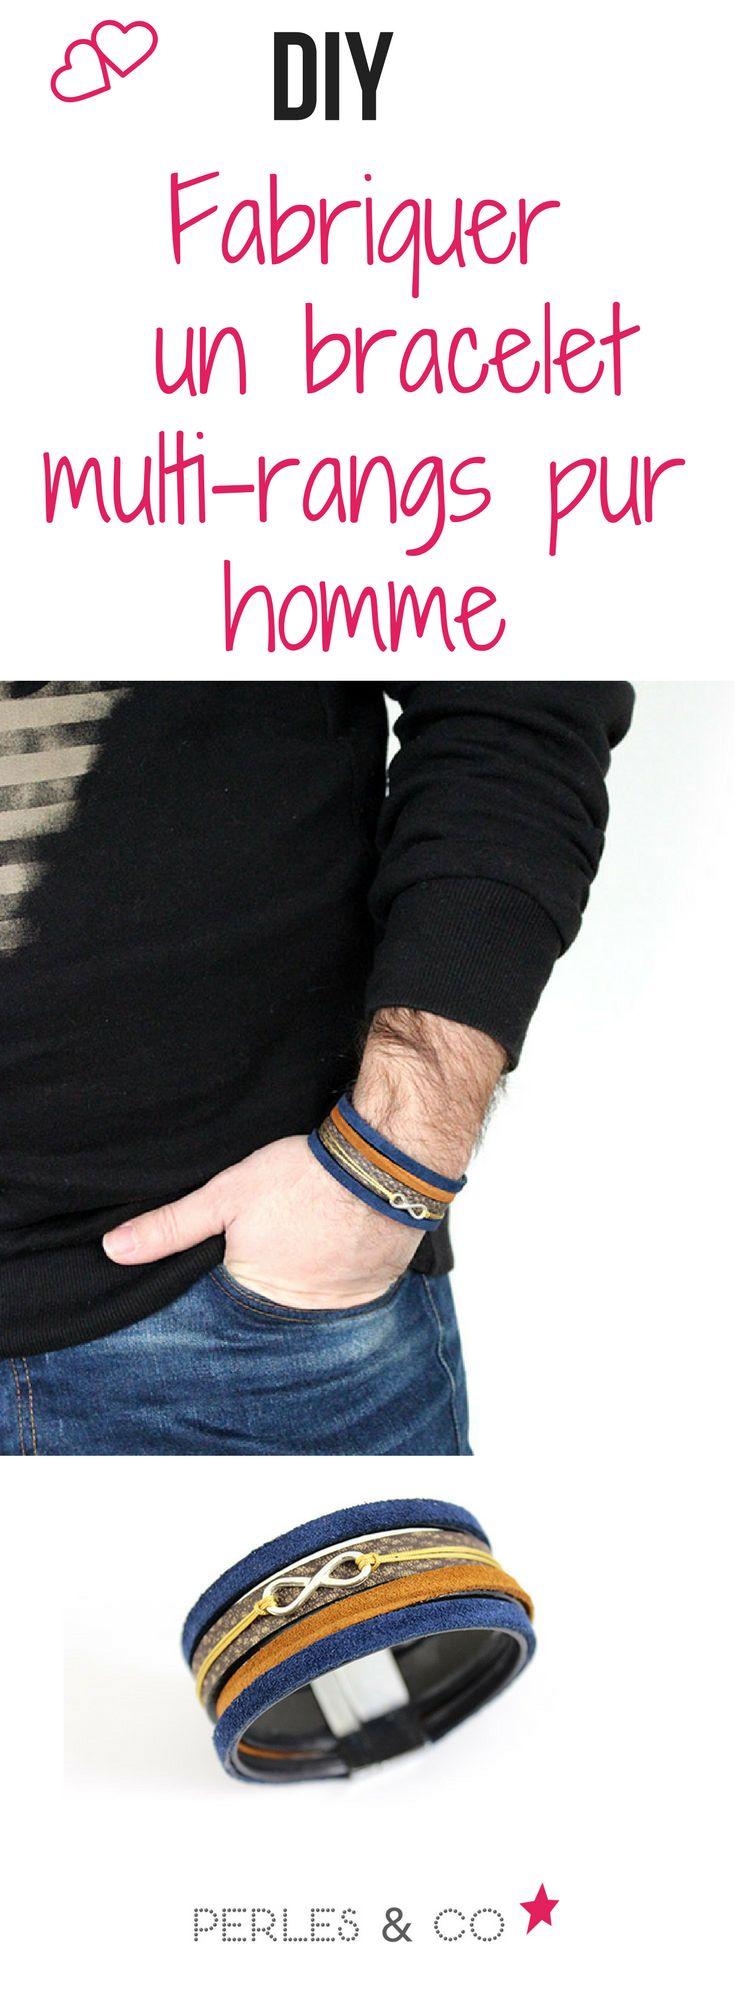 Comment réaliser un bracelet multirangs pour homme en cuir ? Idée cadeau DIY pour homme : créez ce bracelet multirangs en cuir et daim avec un intercalaire infini en argent 925 facilement en suivant ce tutoriel. Rapide et facile à réaliser, c'est le cadeau idéale que vous pourrez personnaliser pour s'adapter à n'importe quel look.